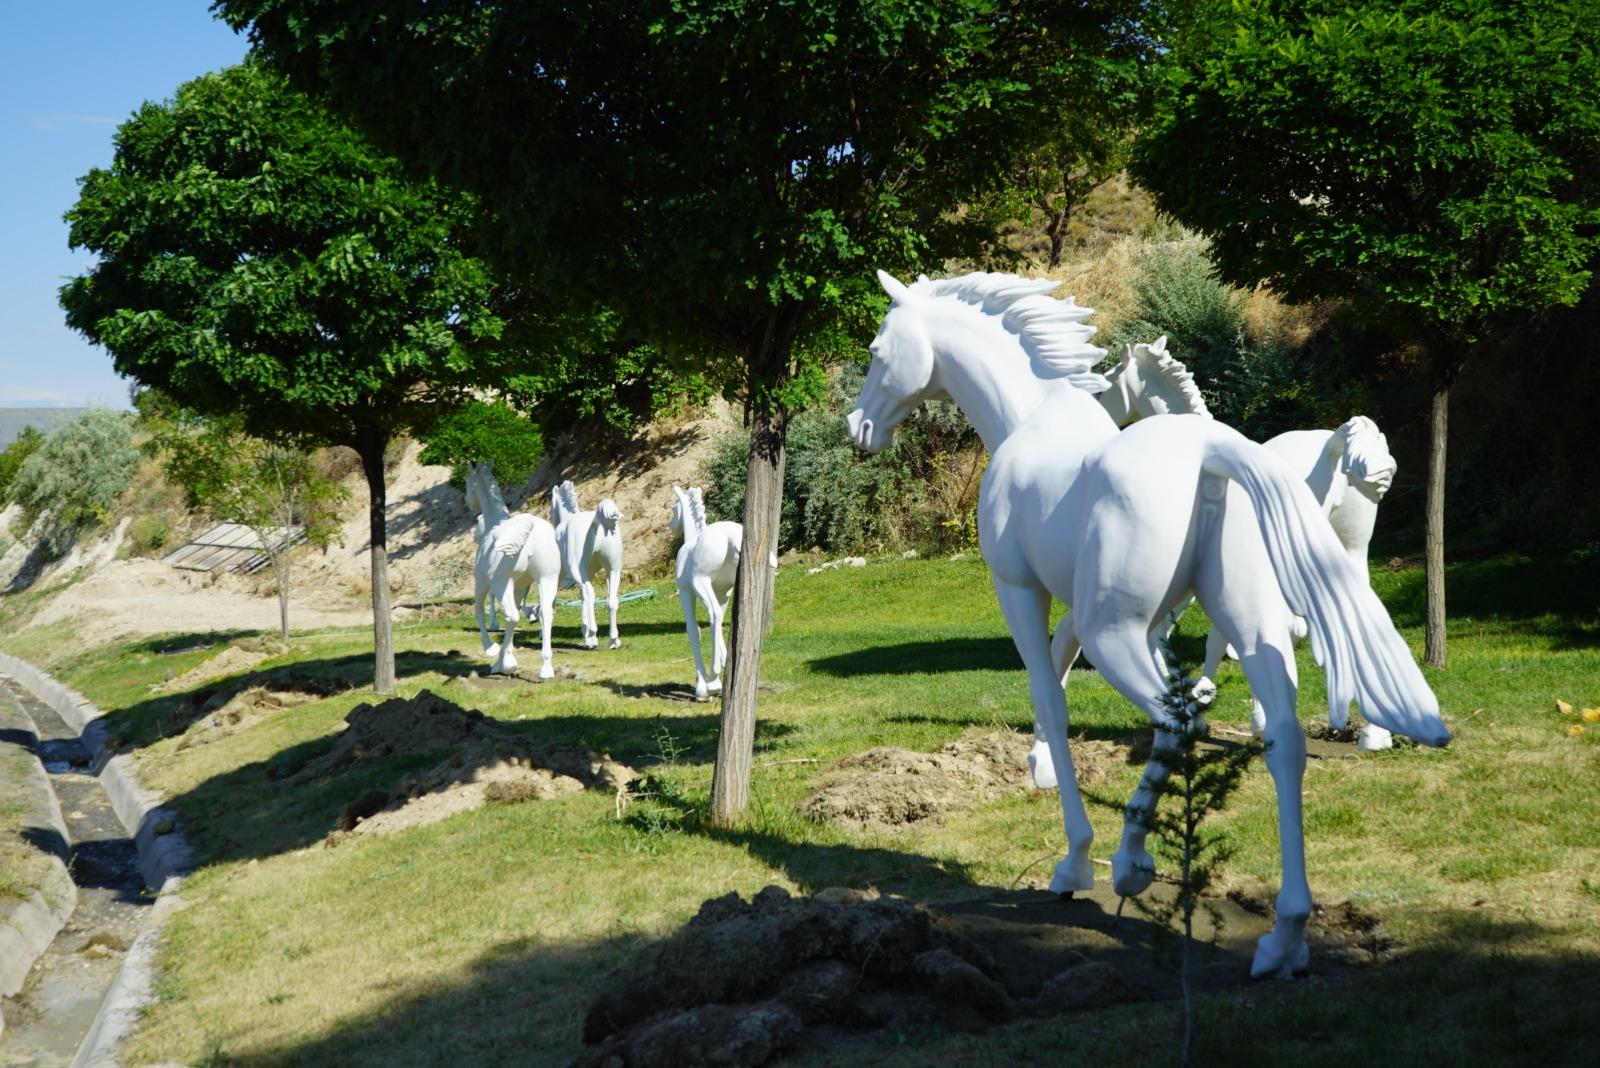 Ürgüp'e doğru koşan maket atlar büyük beğeni topladı